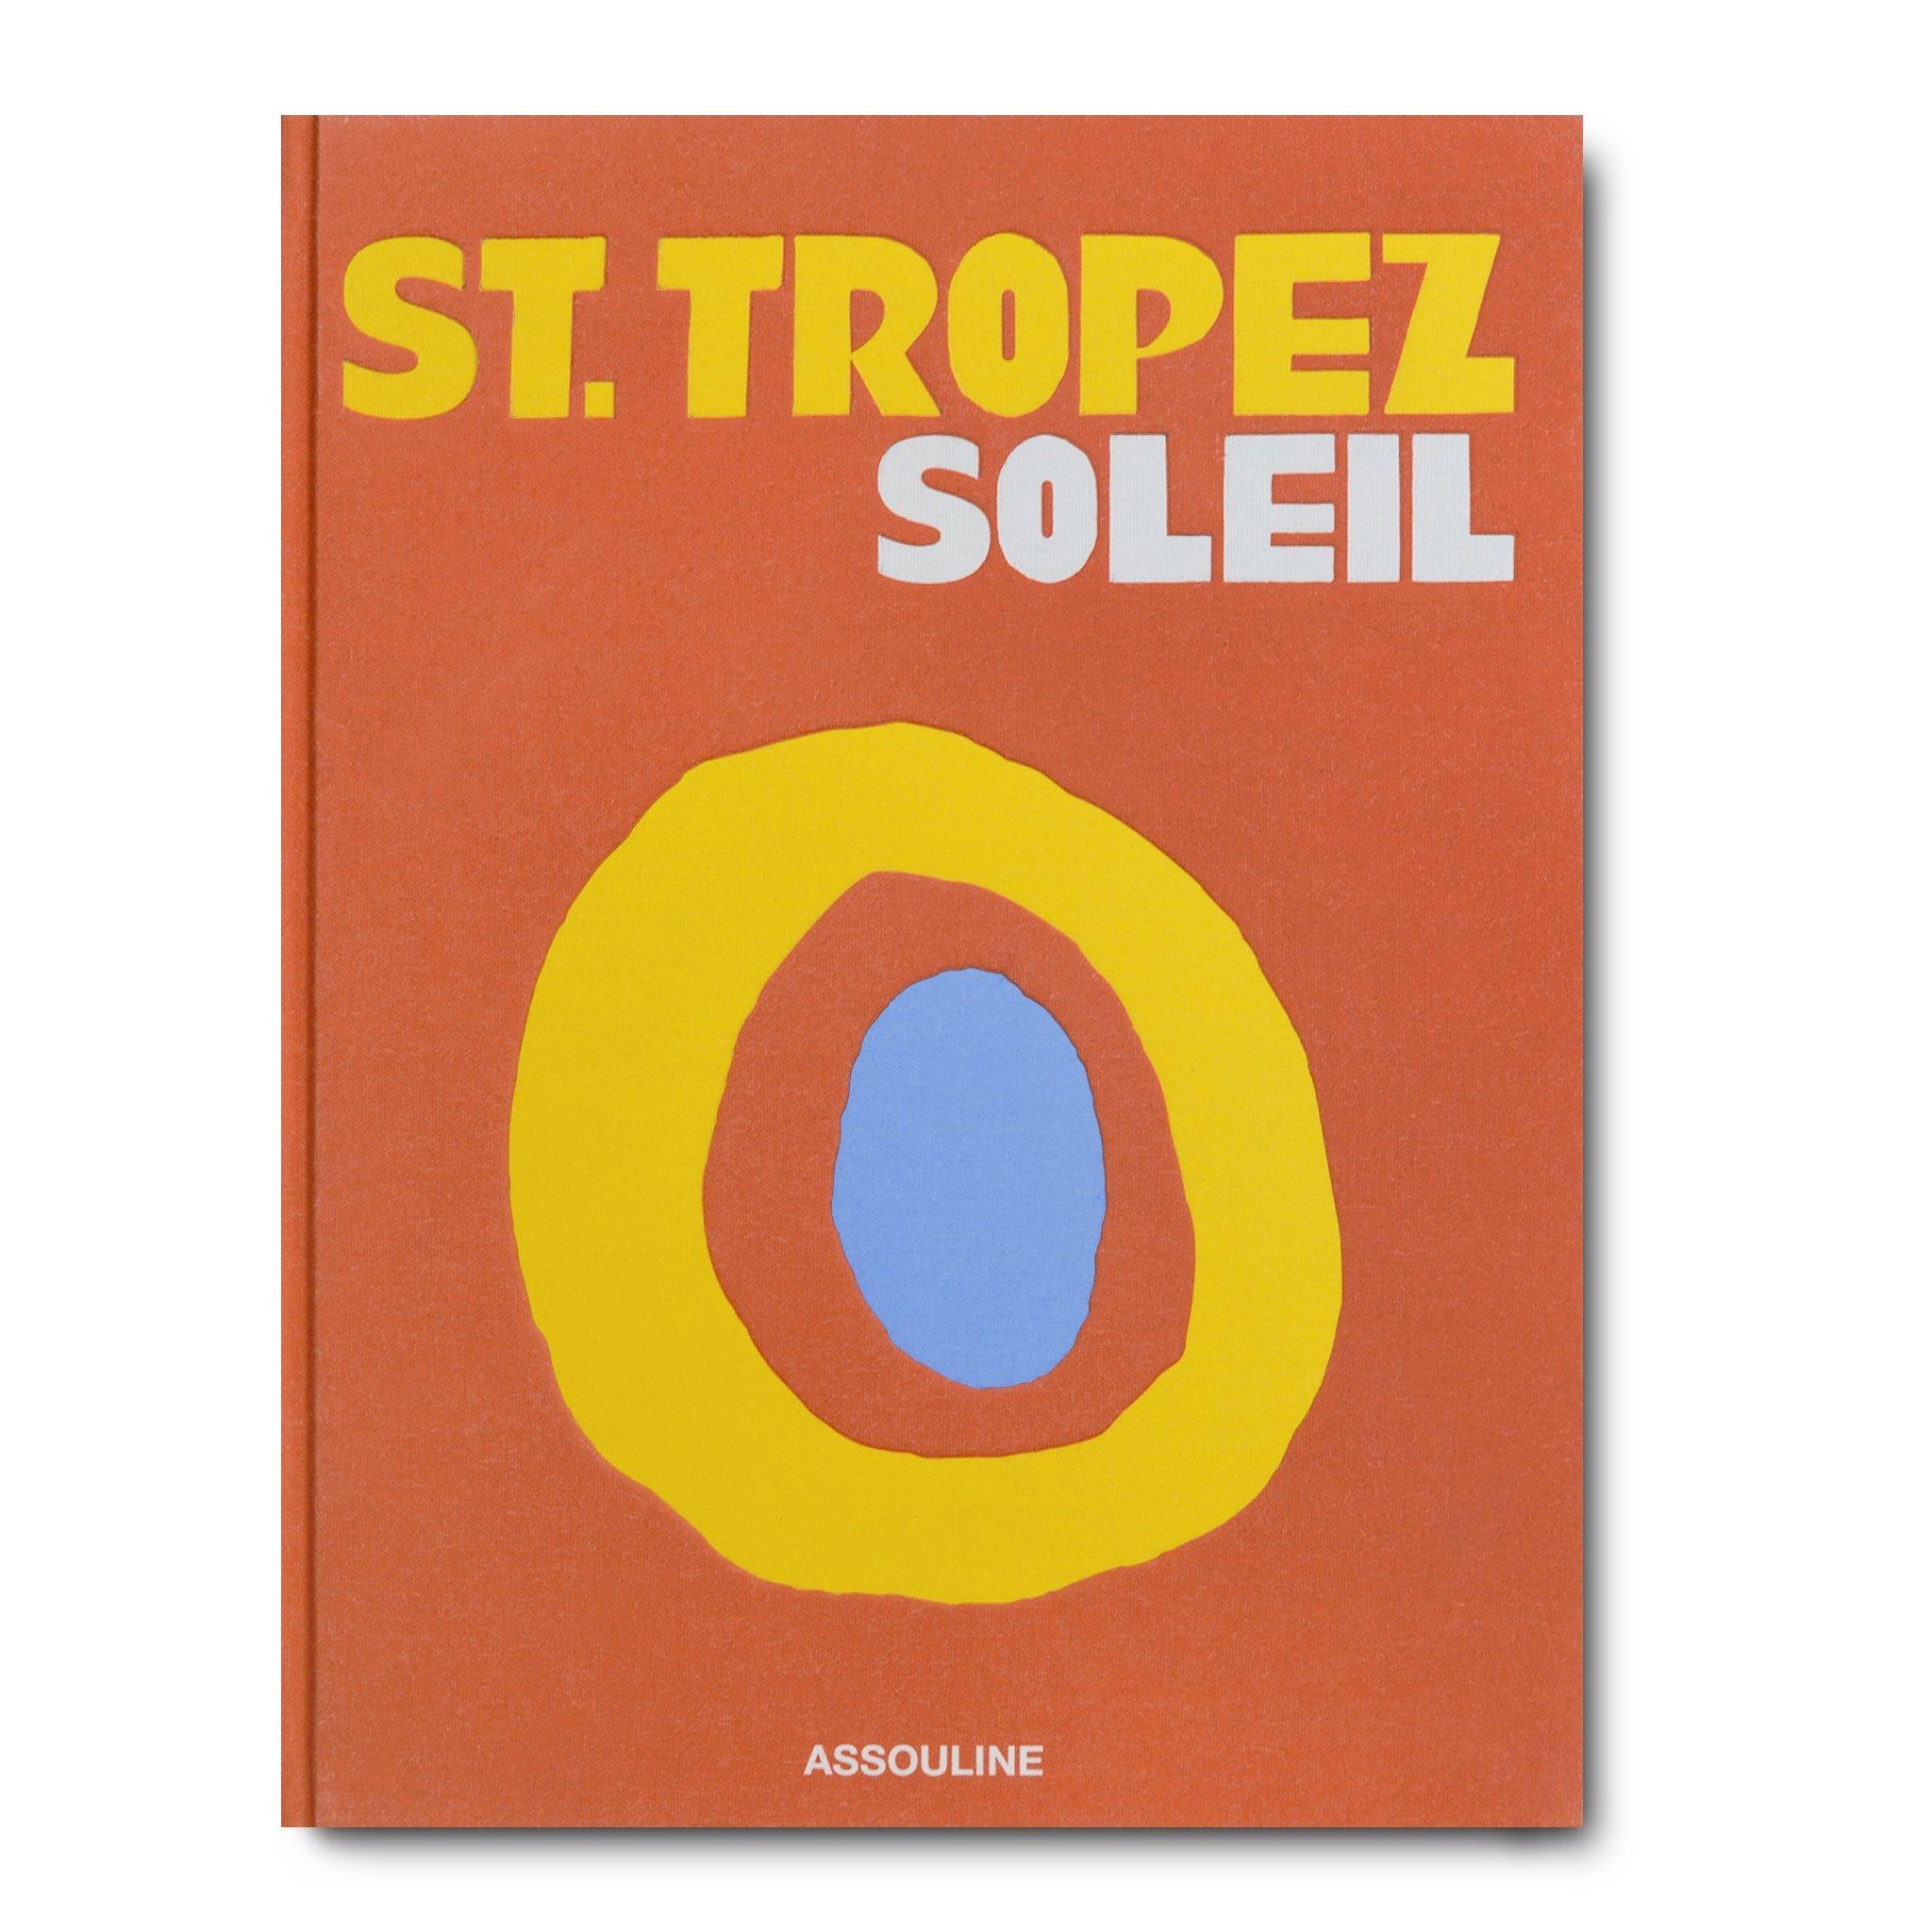 St. Tropez Soleil $95.00